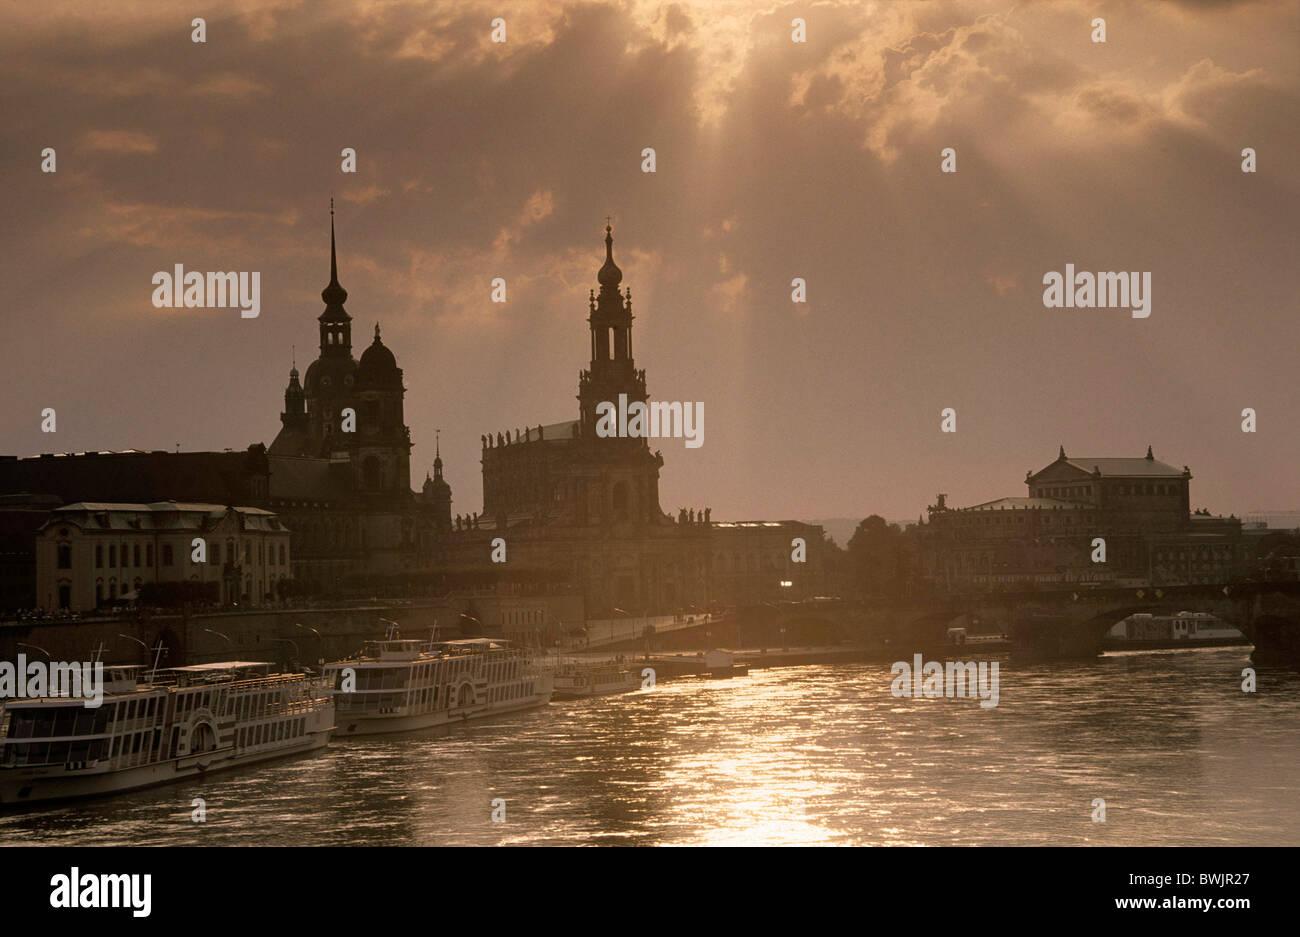 Gewaltig Skyline Dresden Referenz Von Europe, Germany, Saxony, Dresden, Of With Bruehlsche